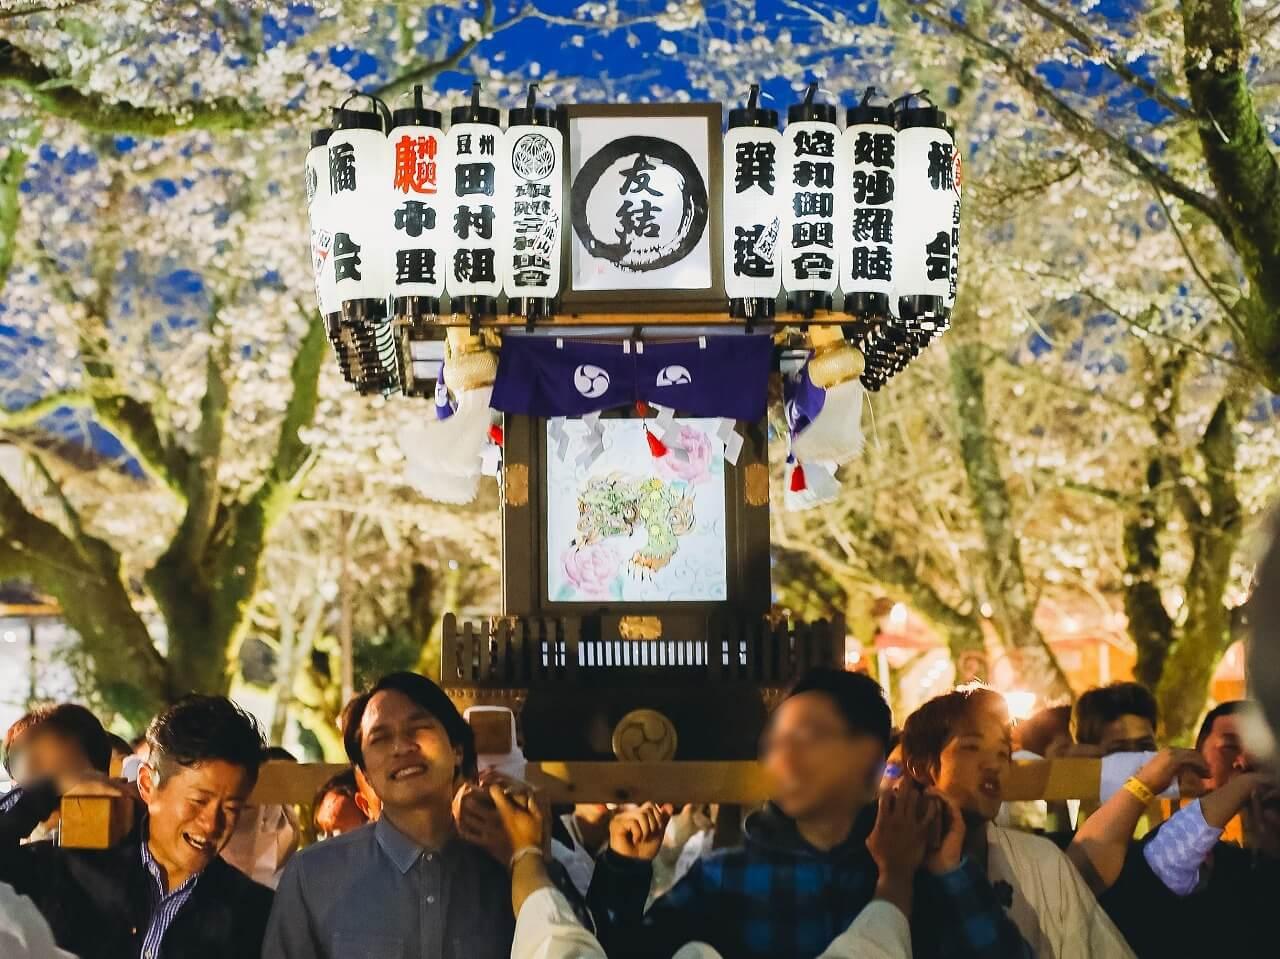 御殿場高原時之栖桜まつり 夜桜の下で神輿行脚